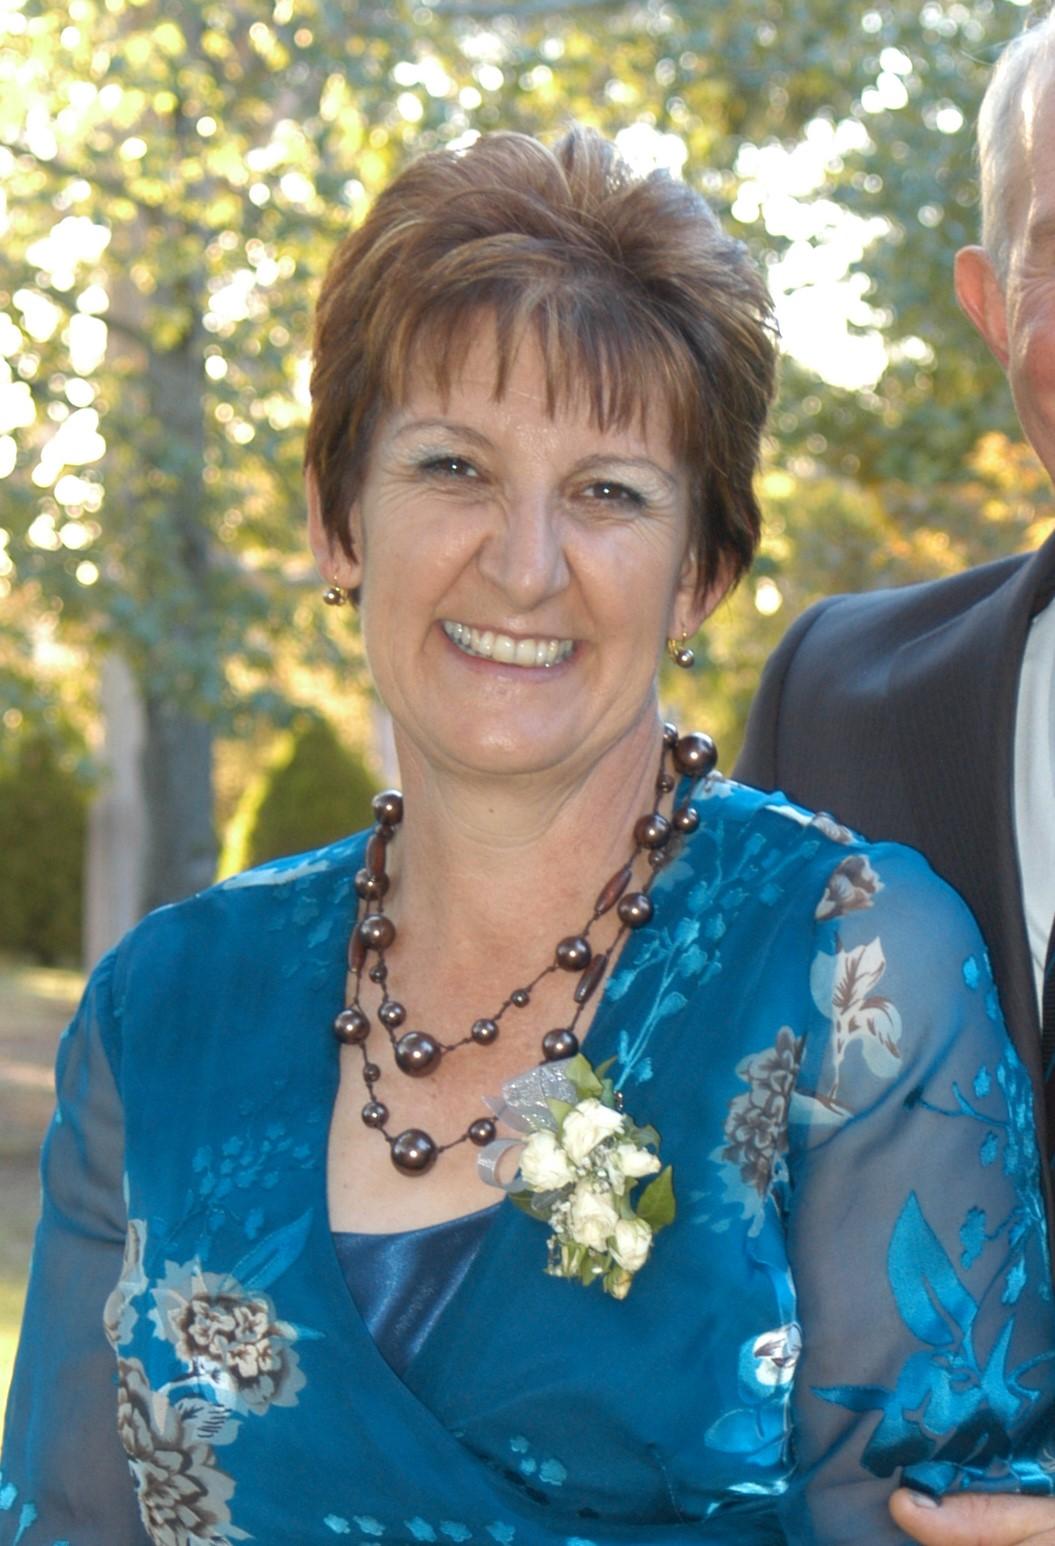 Susan Bromilow